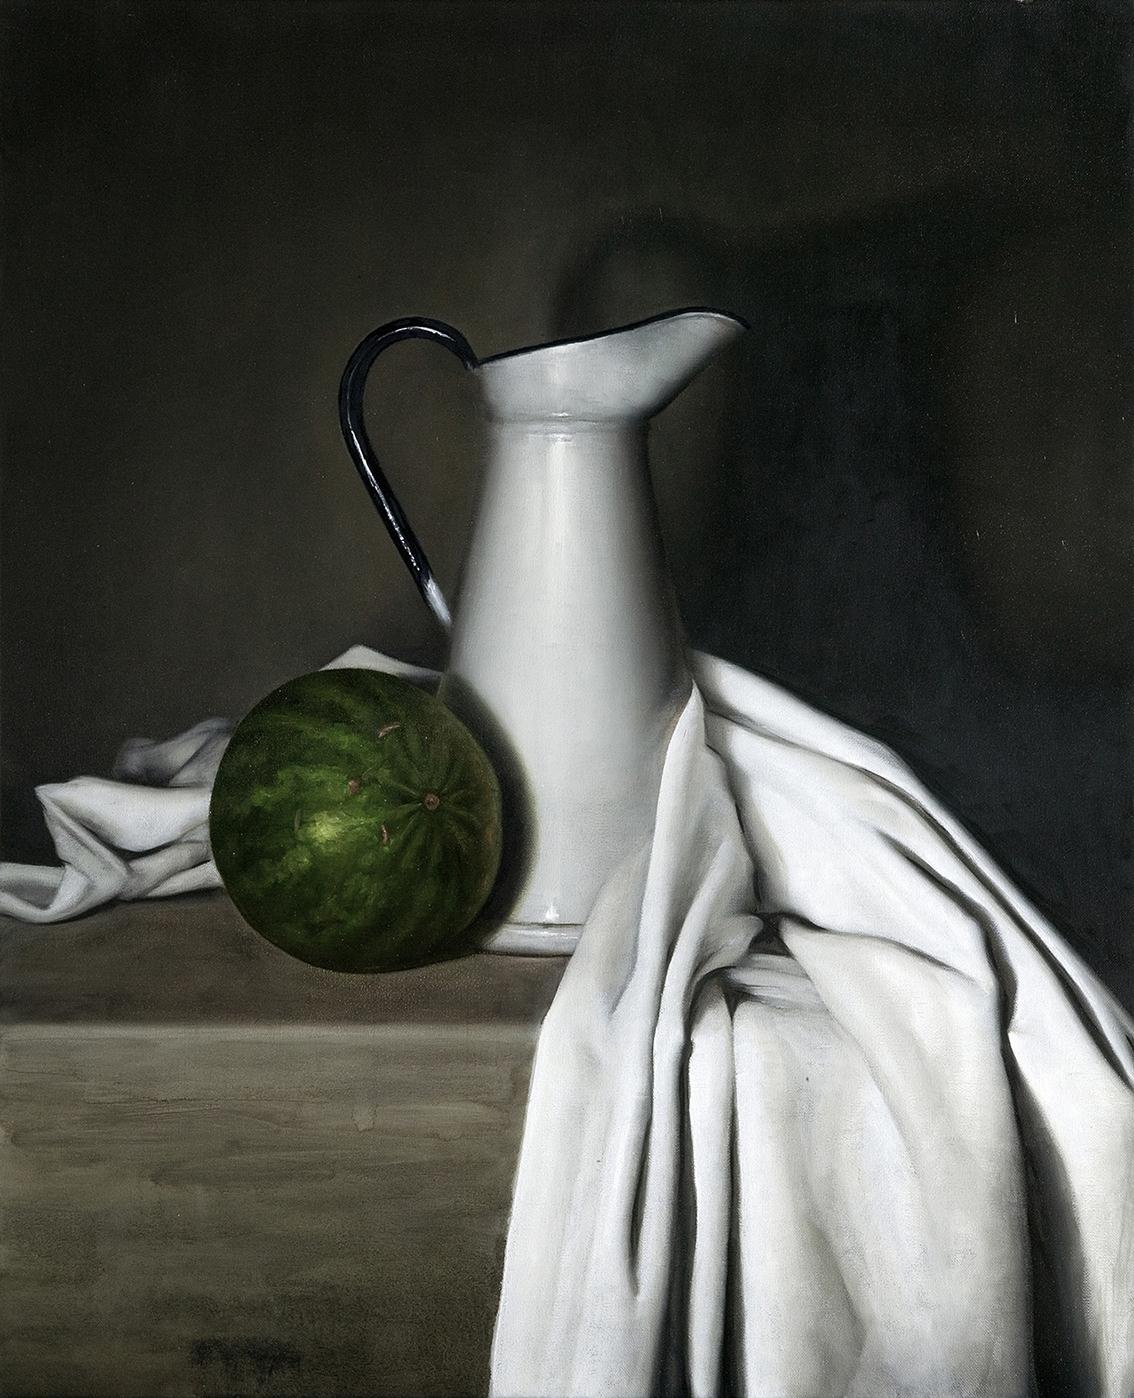 pitcher & melon  2014  oil on canvas  65 x 75 cm